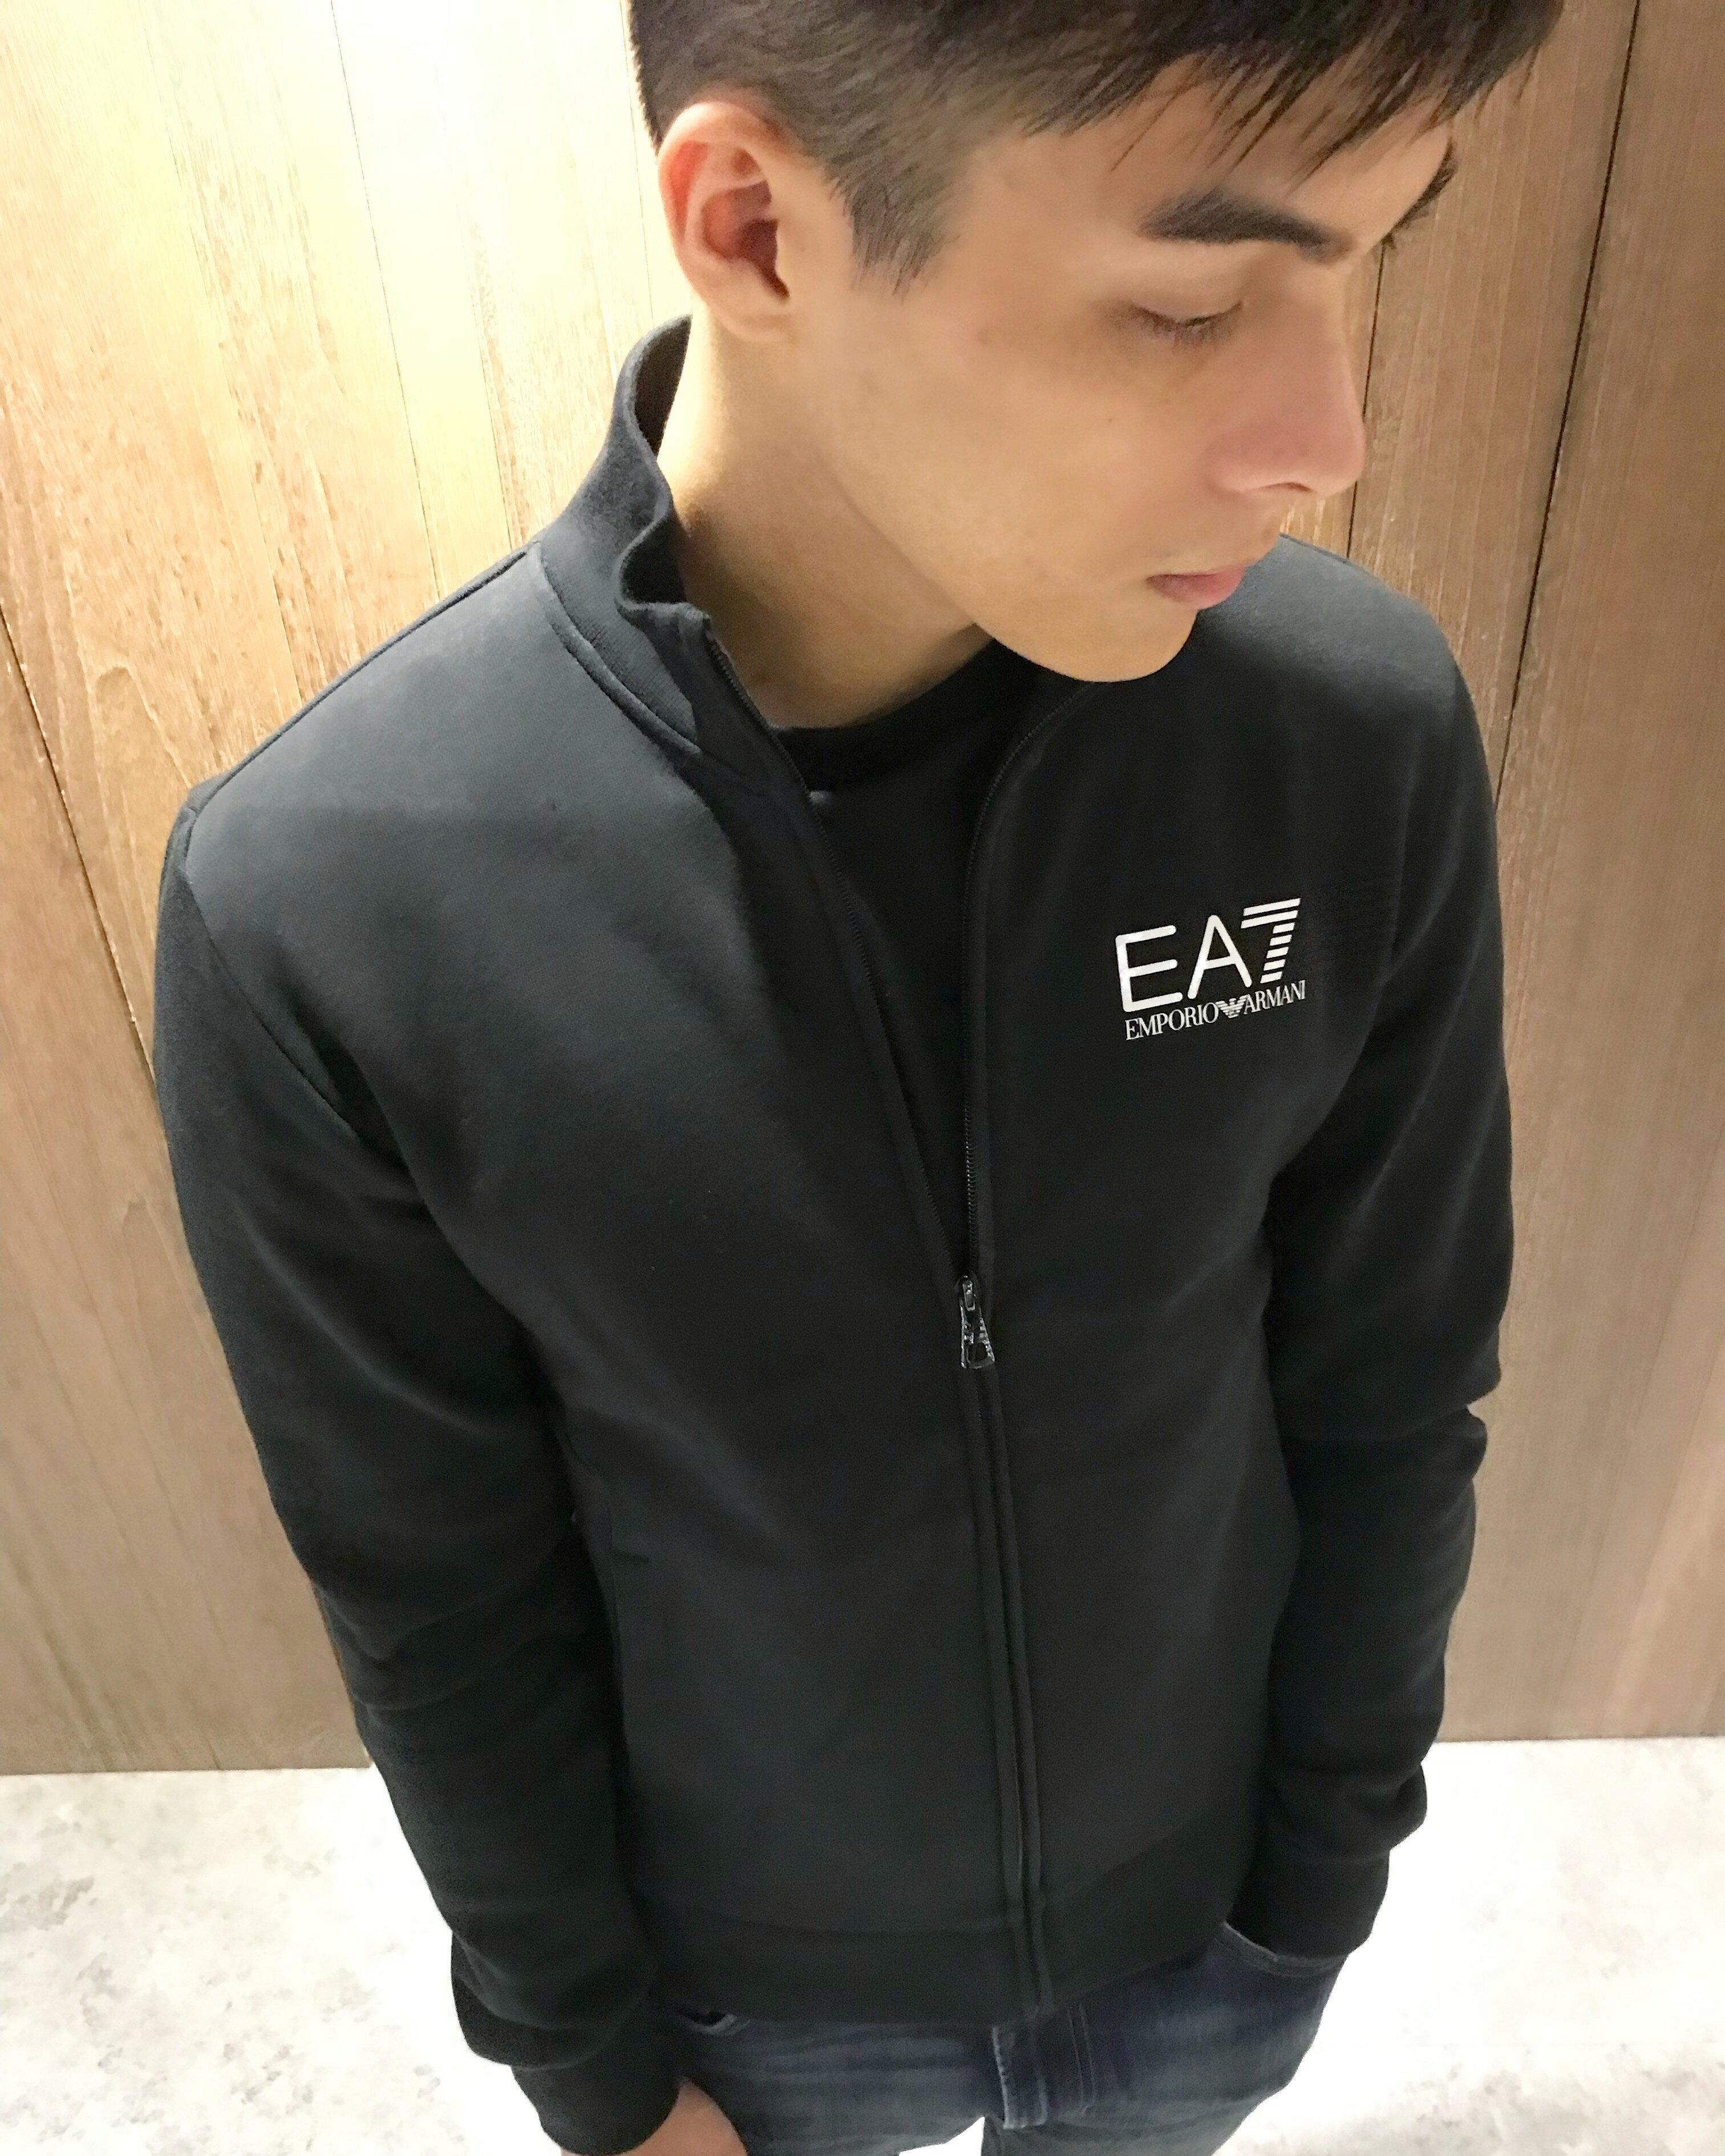 美國百分百【全新真品】Emporio Armani 立領外套 防風 素面 EA7 黑 logo XS~3XL號 J569